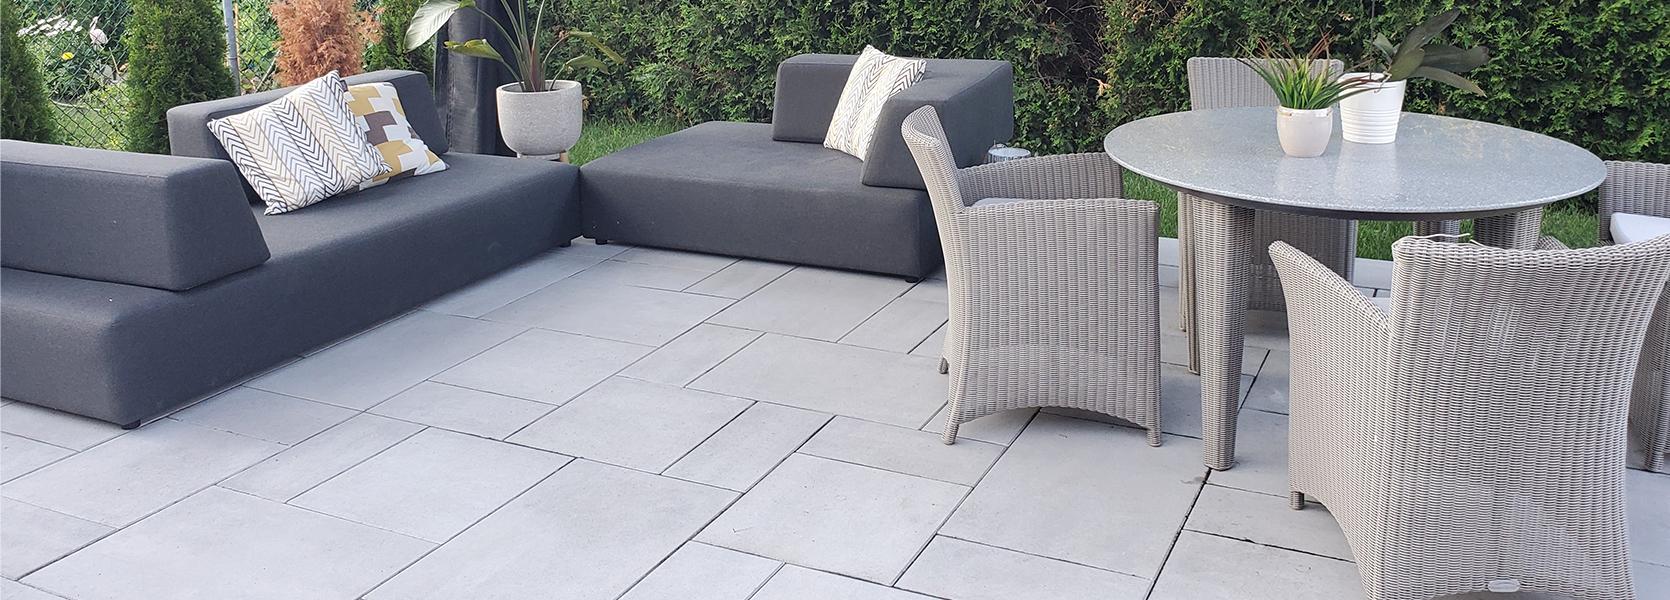 Garden patio paving